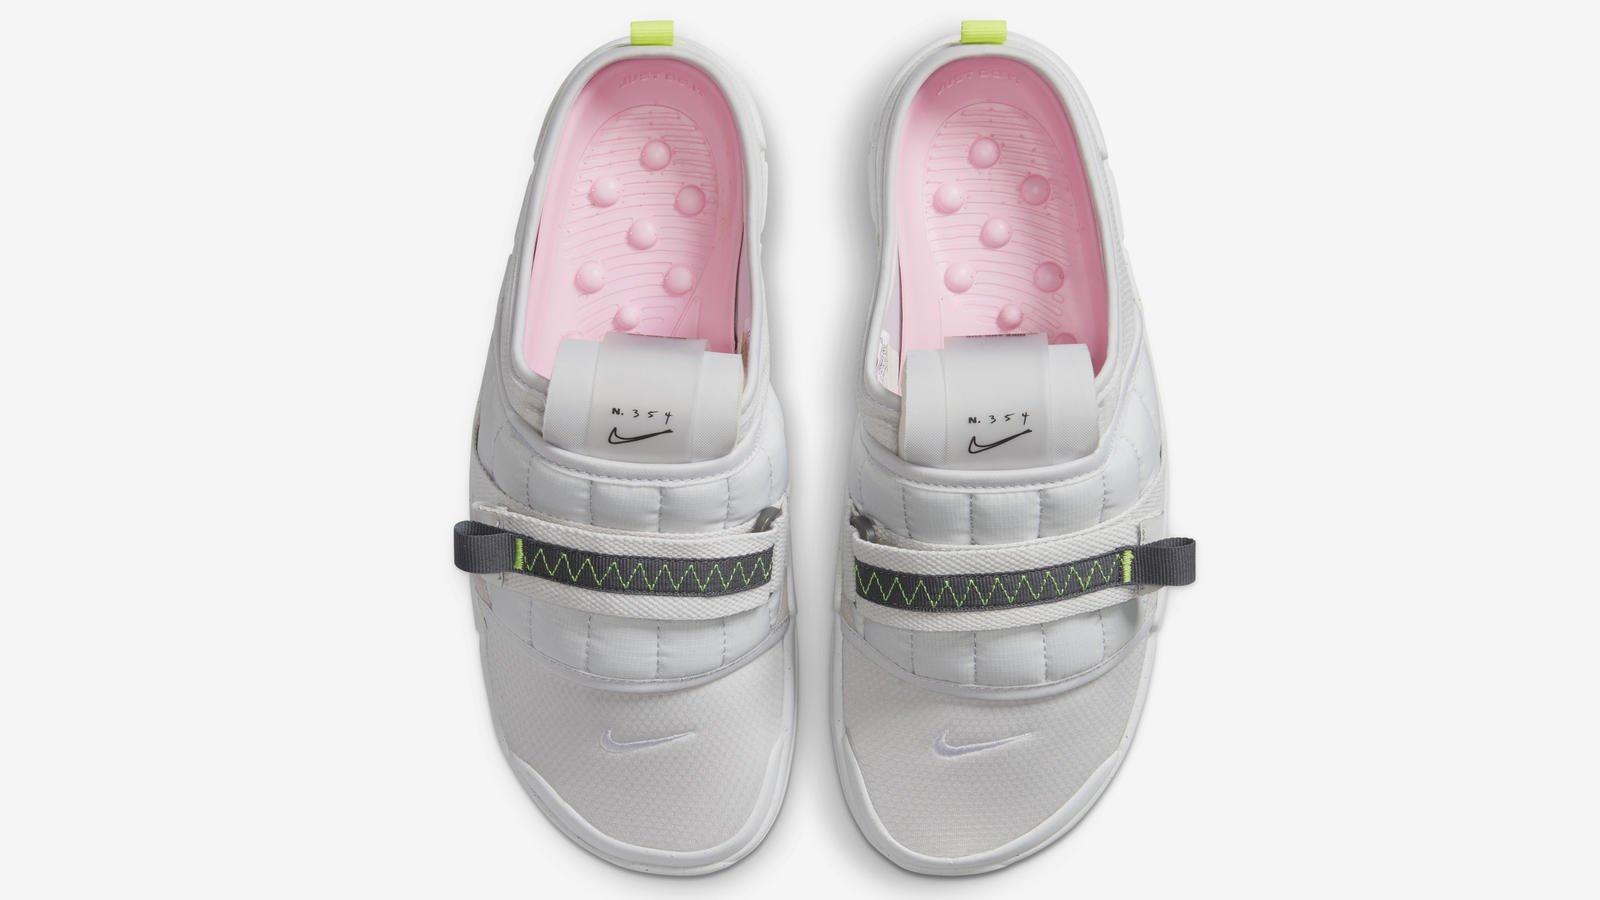 FA20-Offline-Nike-Sportswear_26_hd_1600